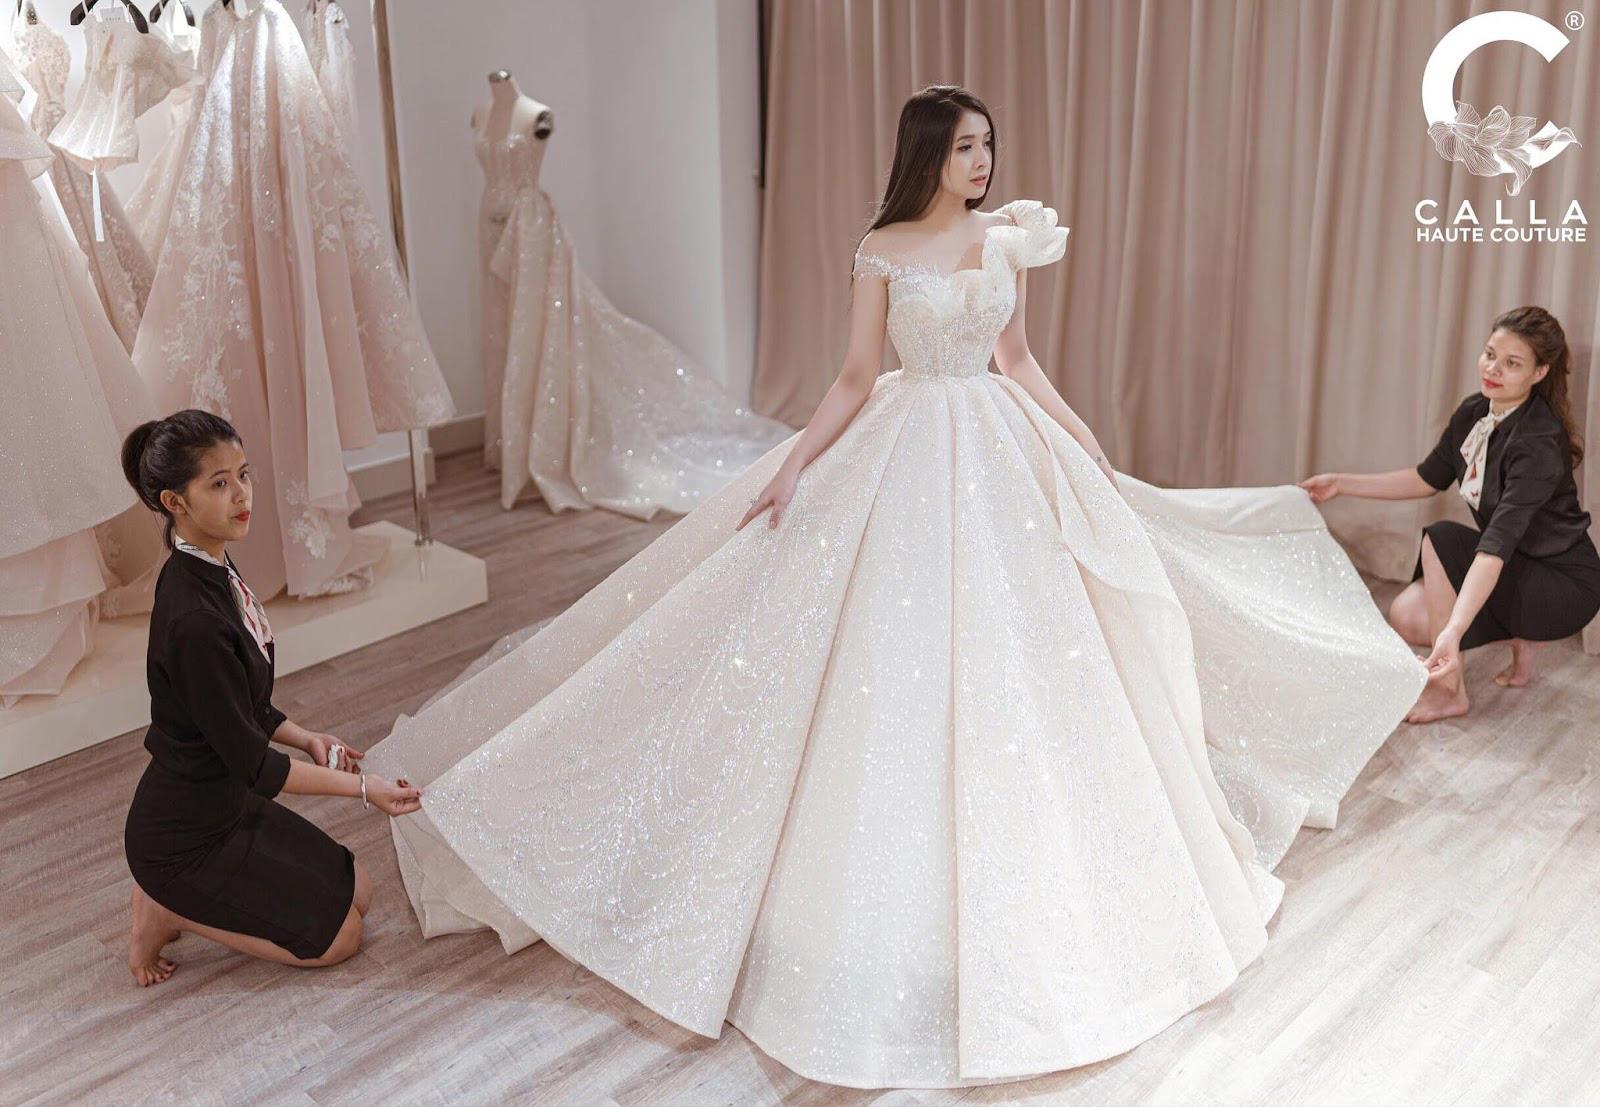 """Calla Haute Couture For Linh Chi - Điều kỳ diệu mang tên """"nàng thơ xứ Huế"""" - Ảnh 8."""